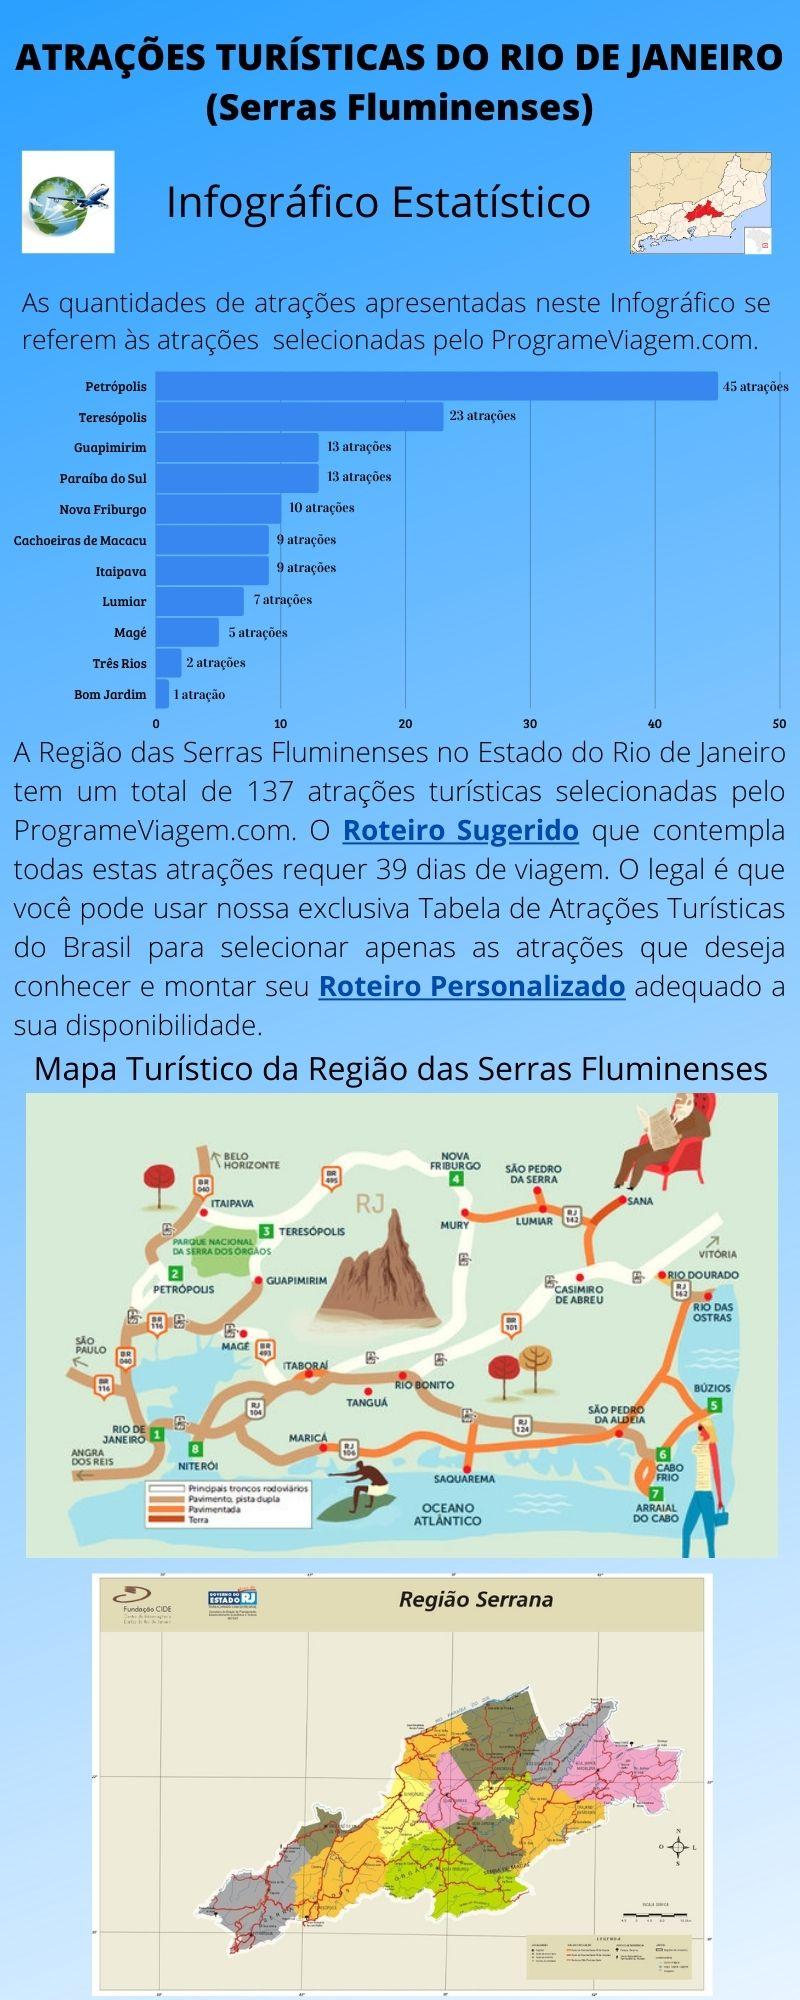 Infográfico Atrações Turísticas do Rio de Janeiro (Serras Fluminenses)